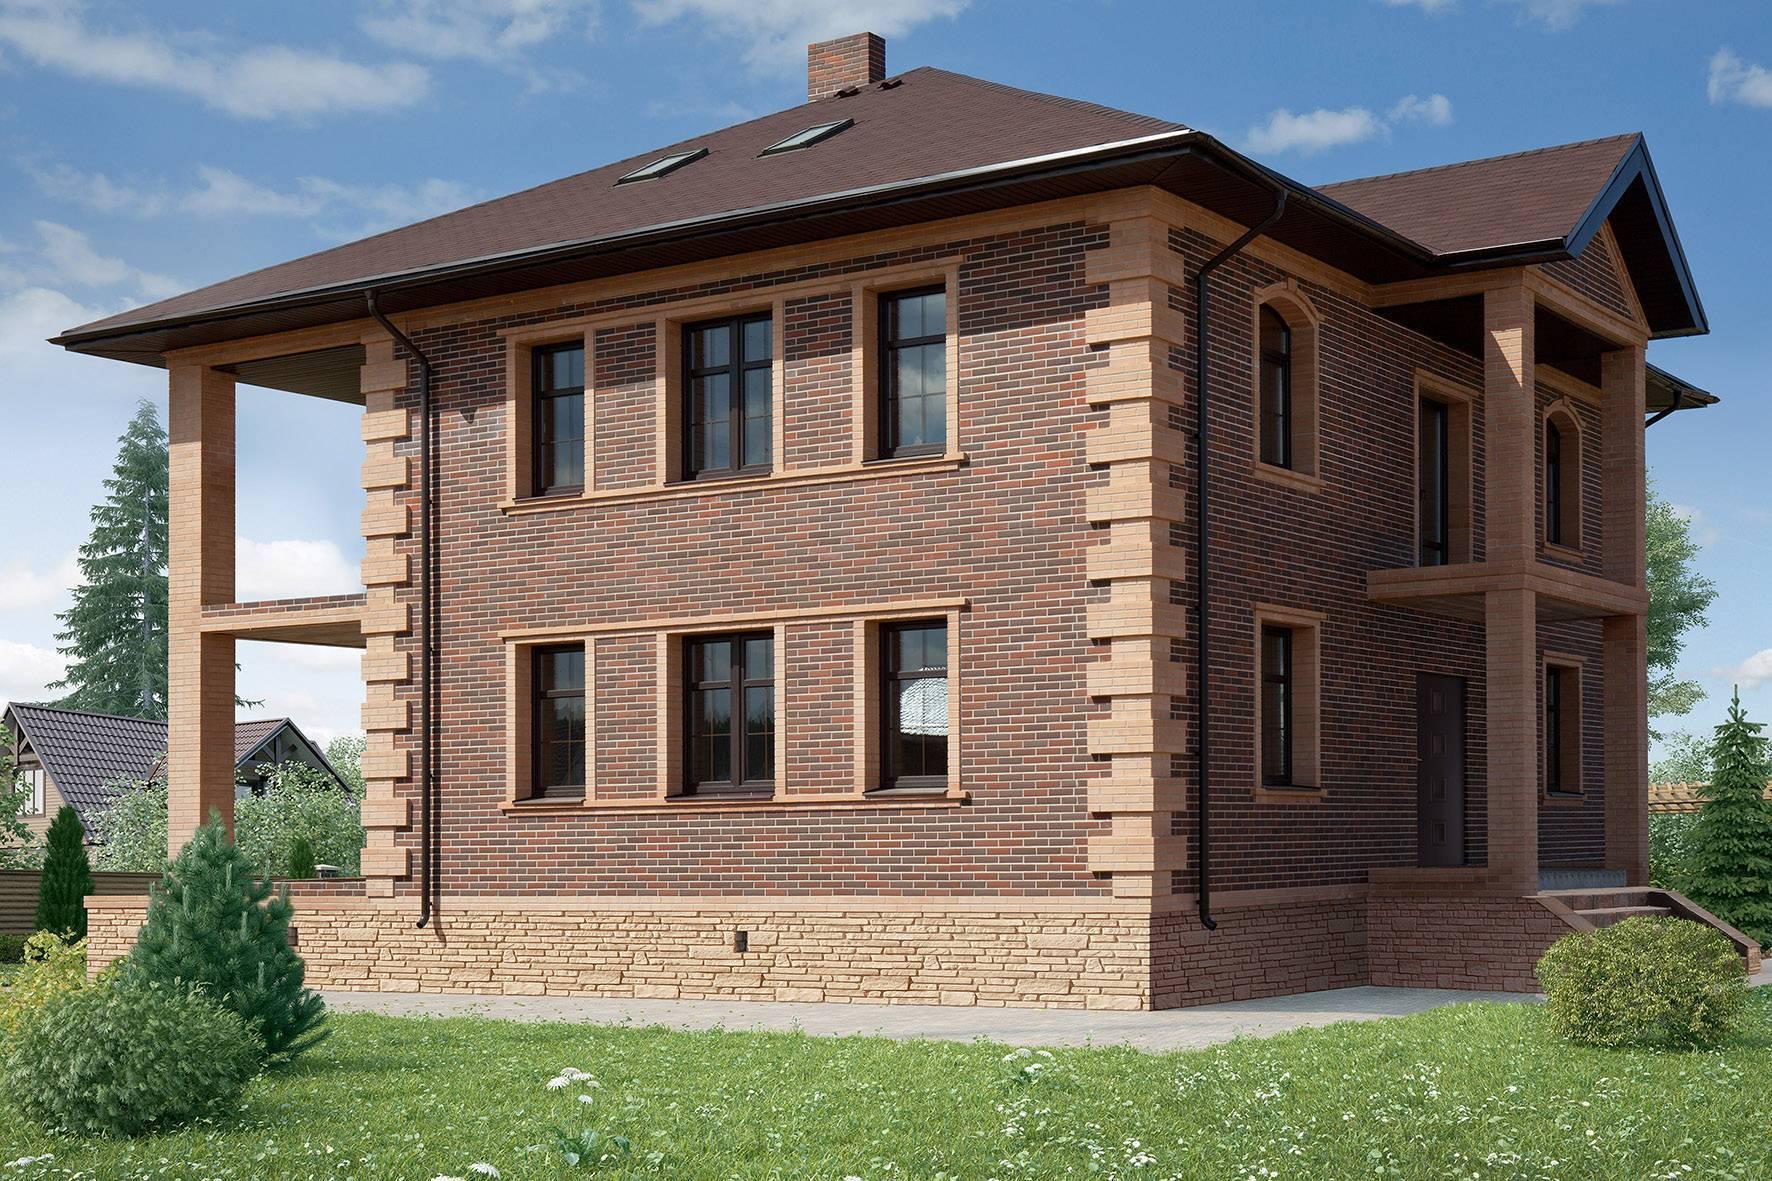 Кирпичный фасад, варианты отделки, дизайн, ремонт зданий своими руками, утепление дома отделочными материалами: инструкция, фото и видео-уроки, цена